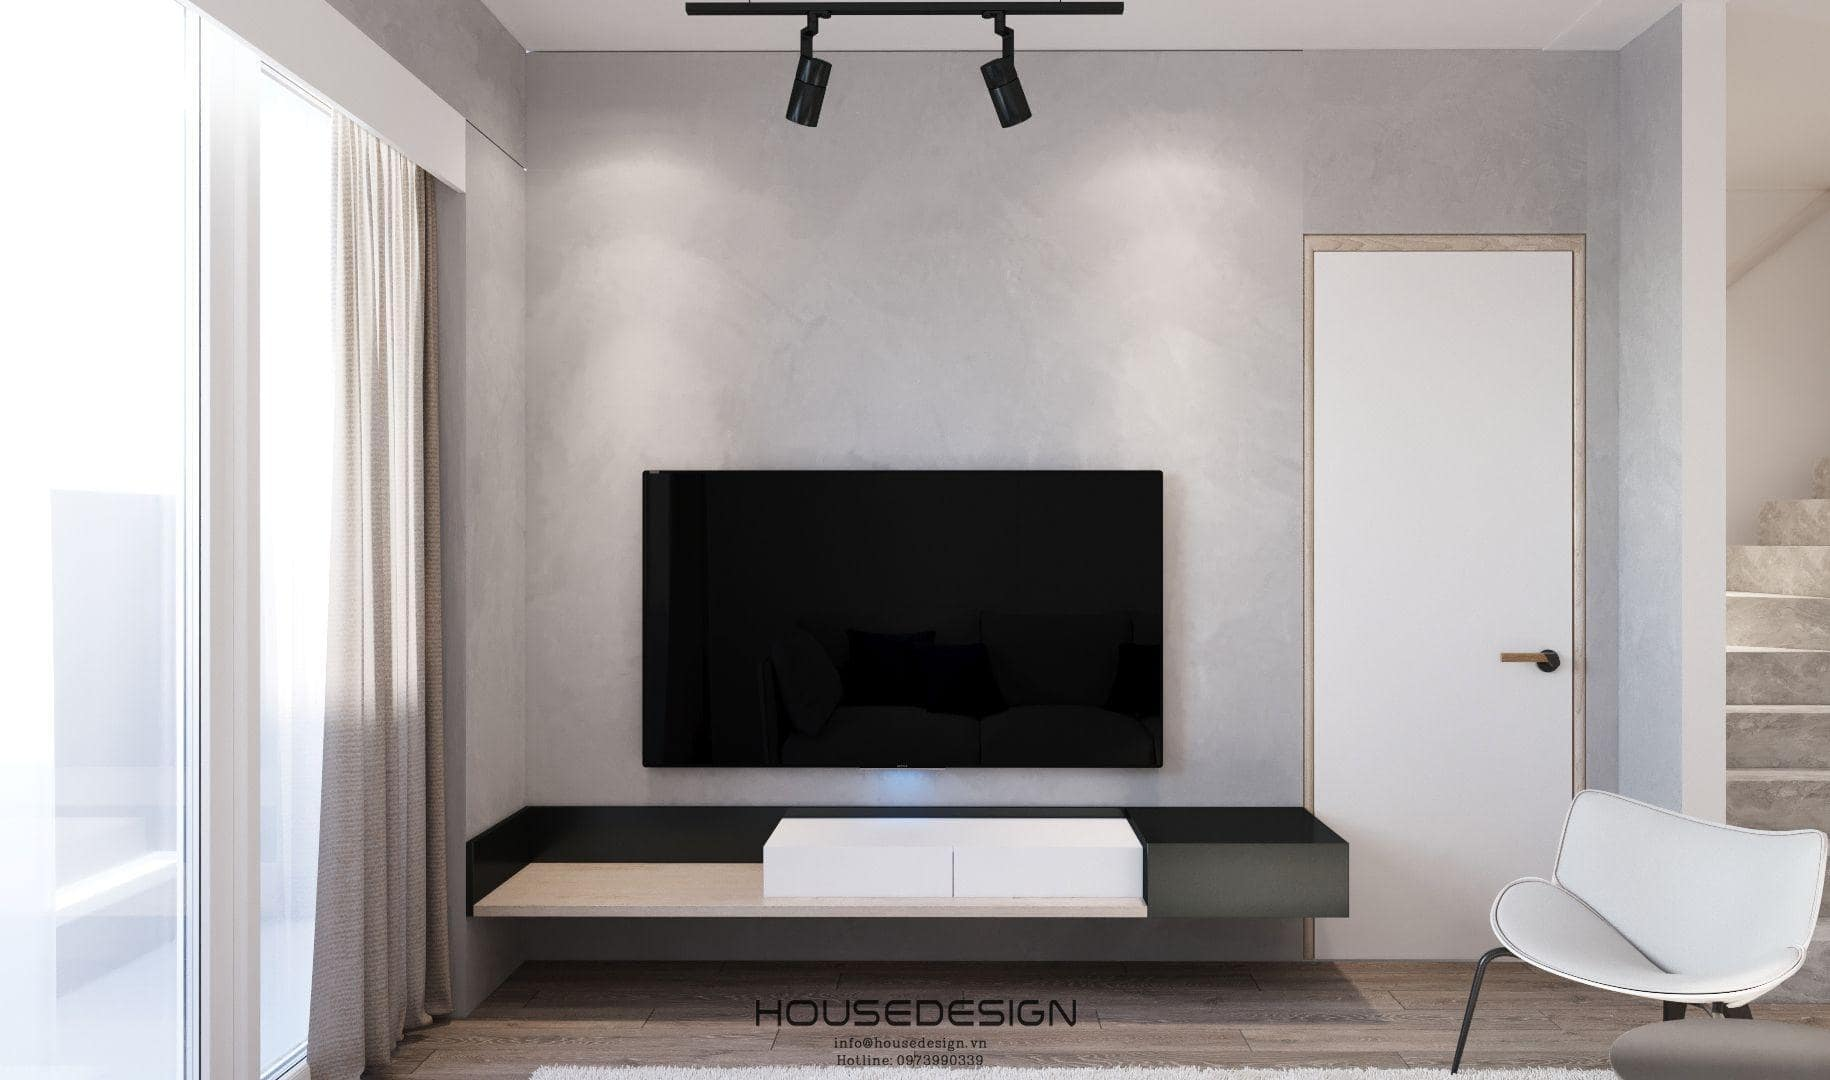 Thiết kế nội thất căn hộ Palm Heights chuyên nghiệp